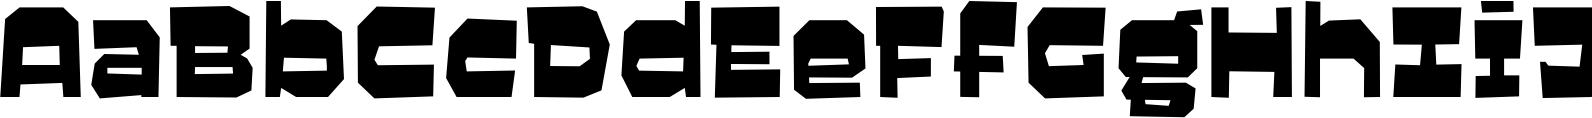 Filarion